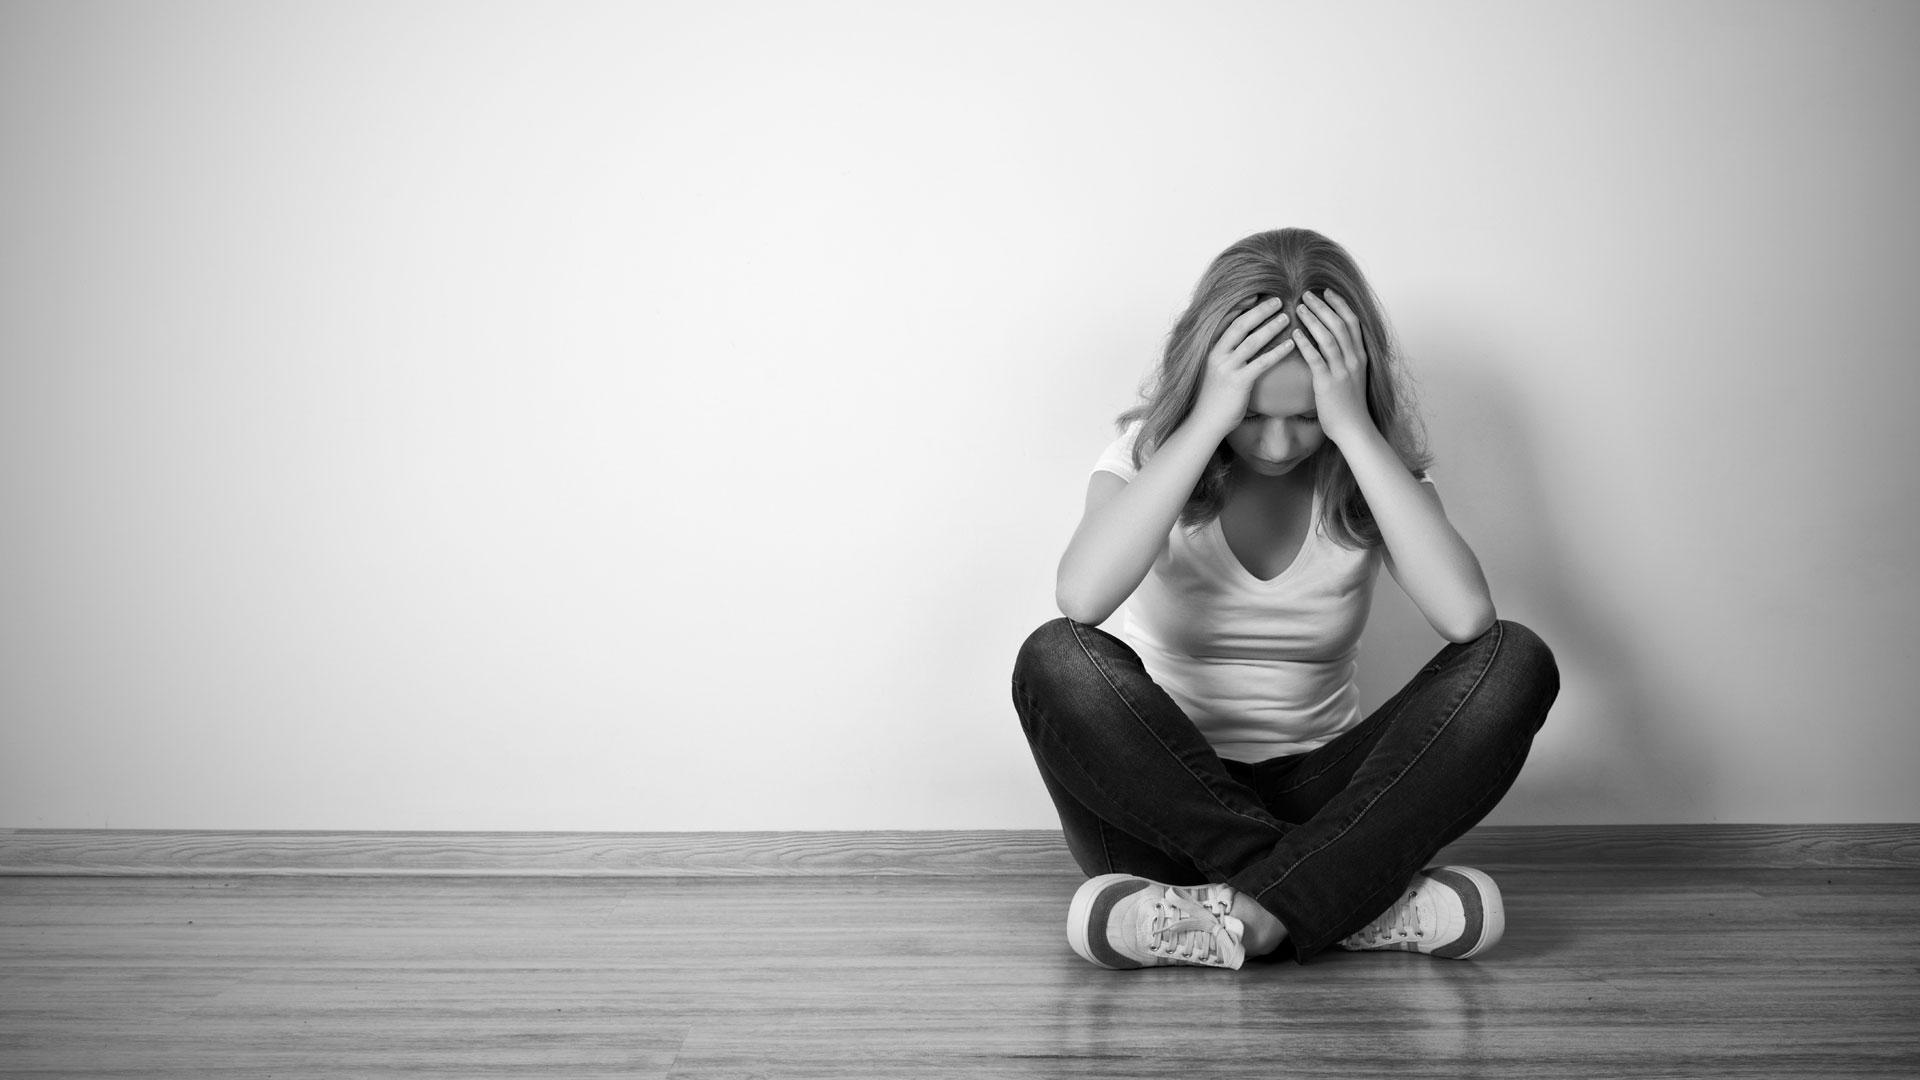 الاكتئاب هو أحد الأسباب الرئيسية لفقدان الذاكرة